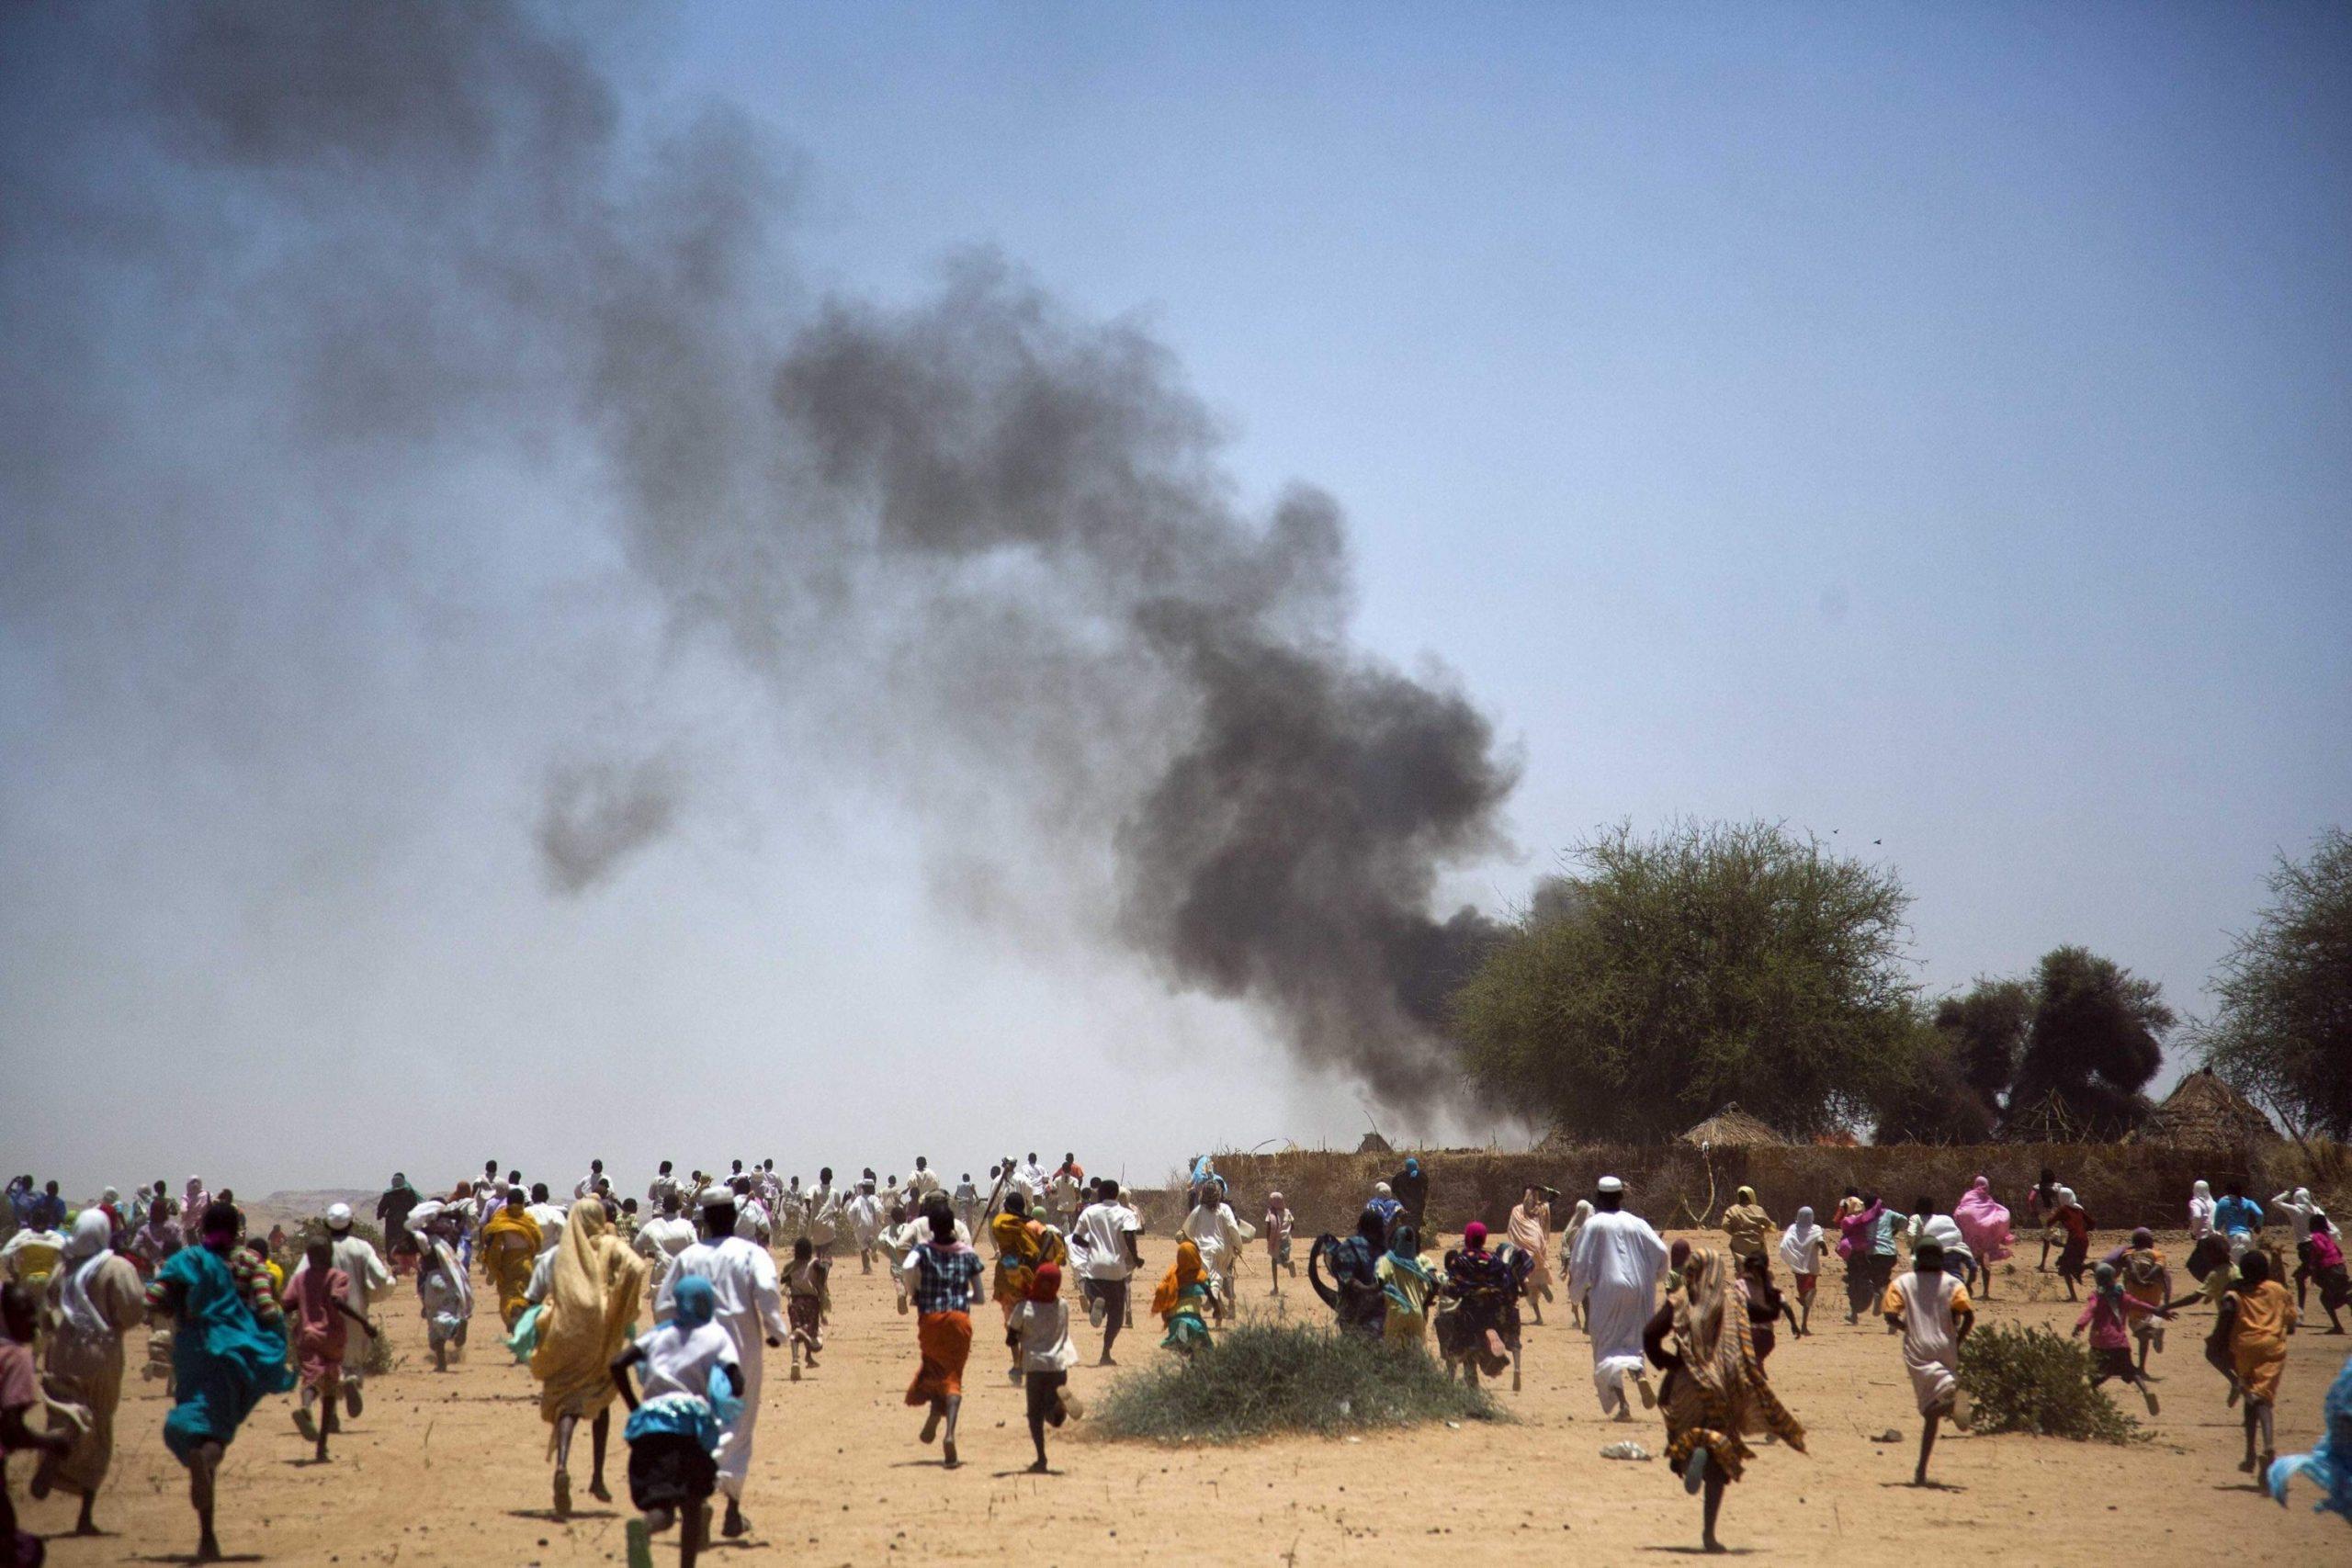 36 killed in tribal clashes in Sudan's Darfur